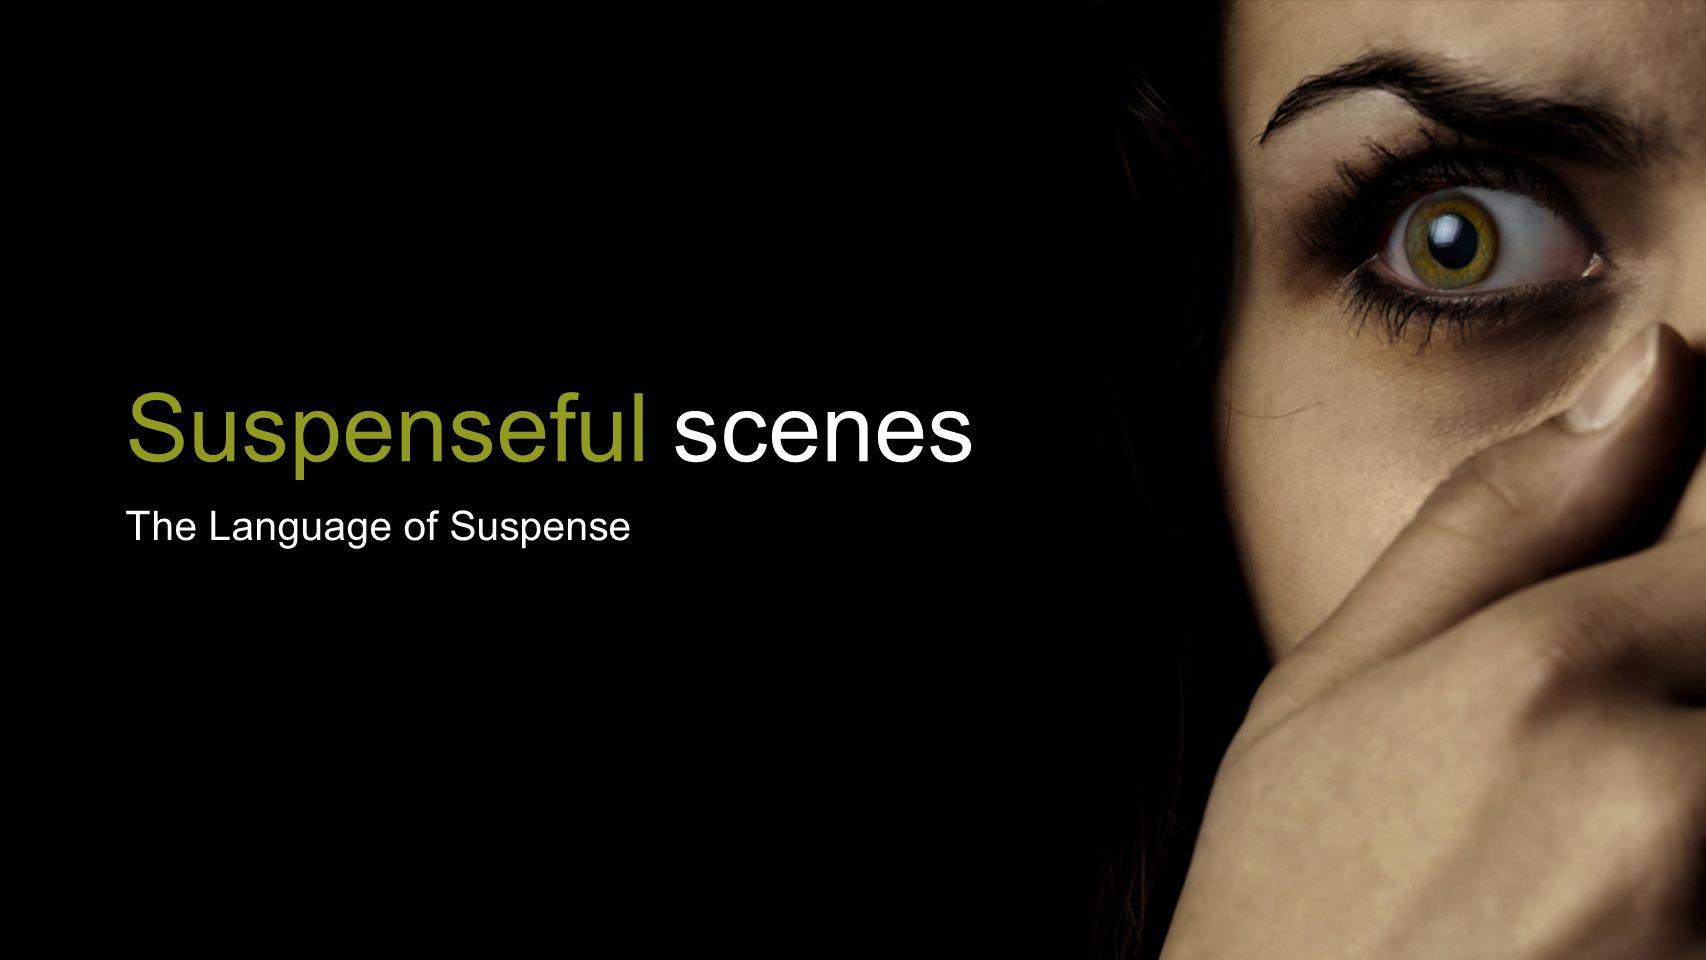 Suspenseful scenes The Language of Suspense